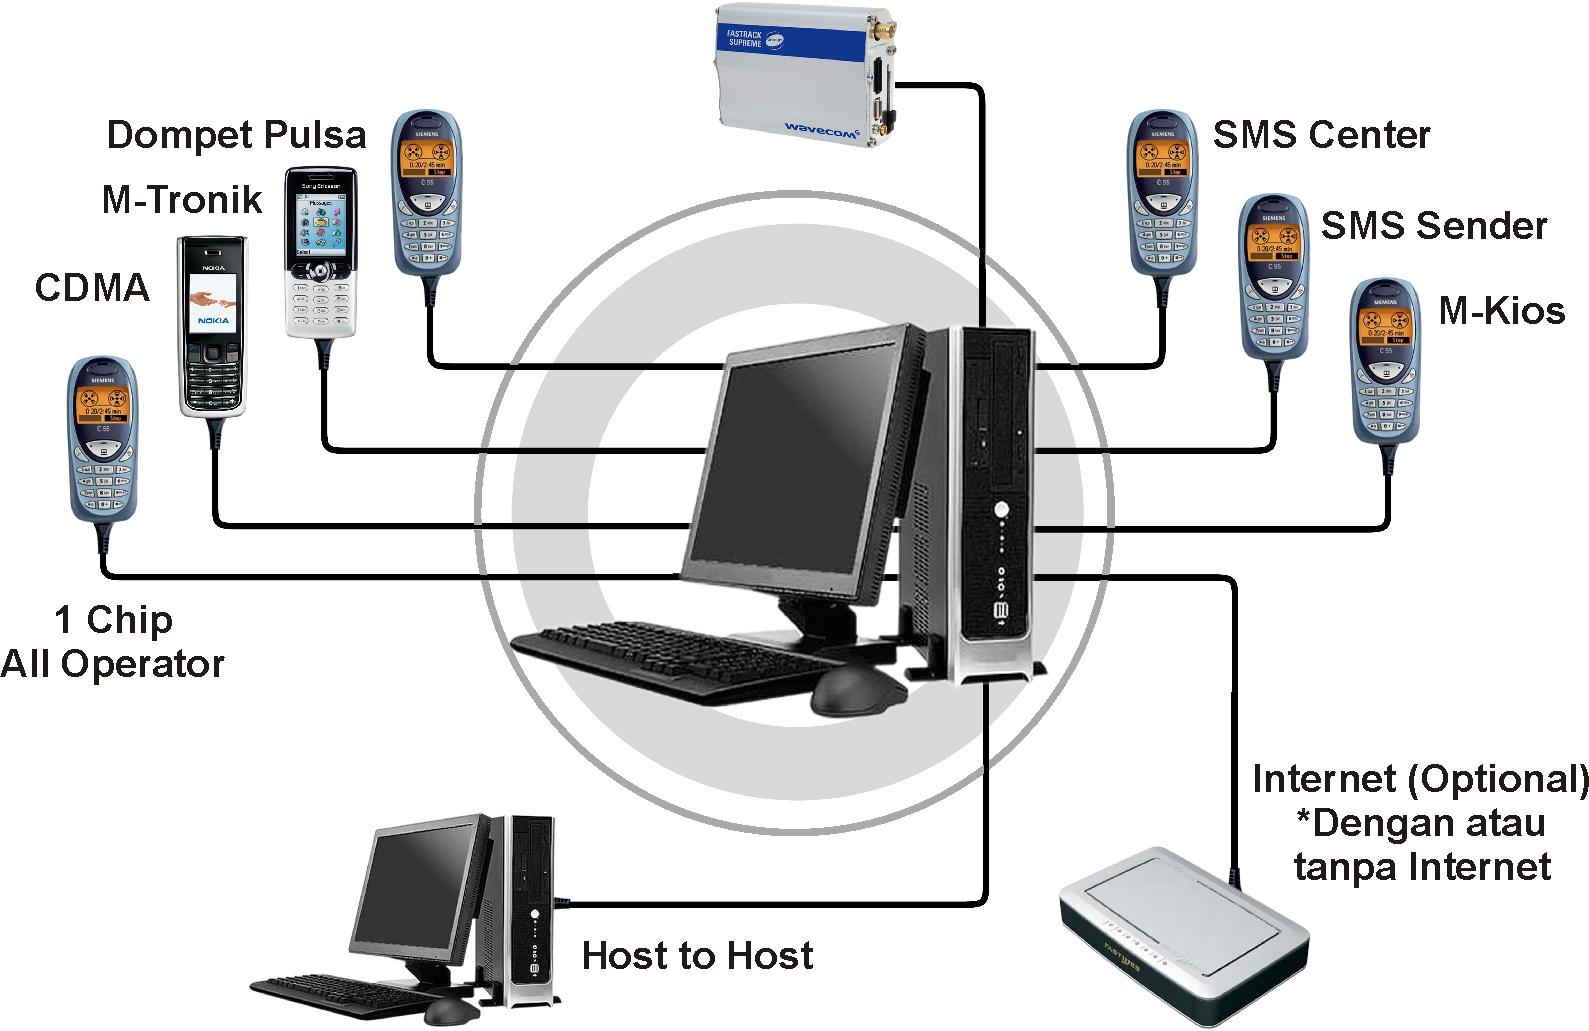 Hasil gambar untuk server mkios pulsa